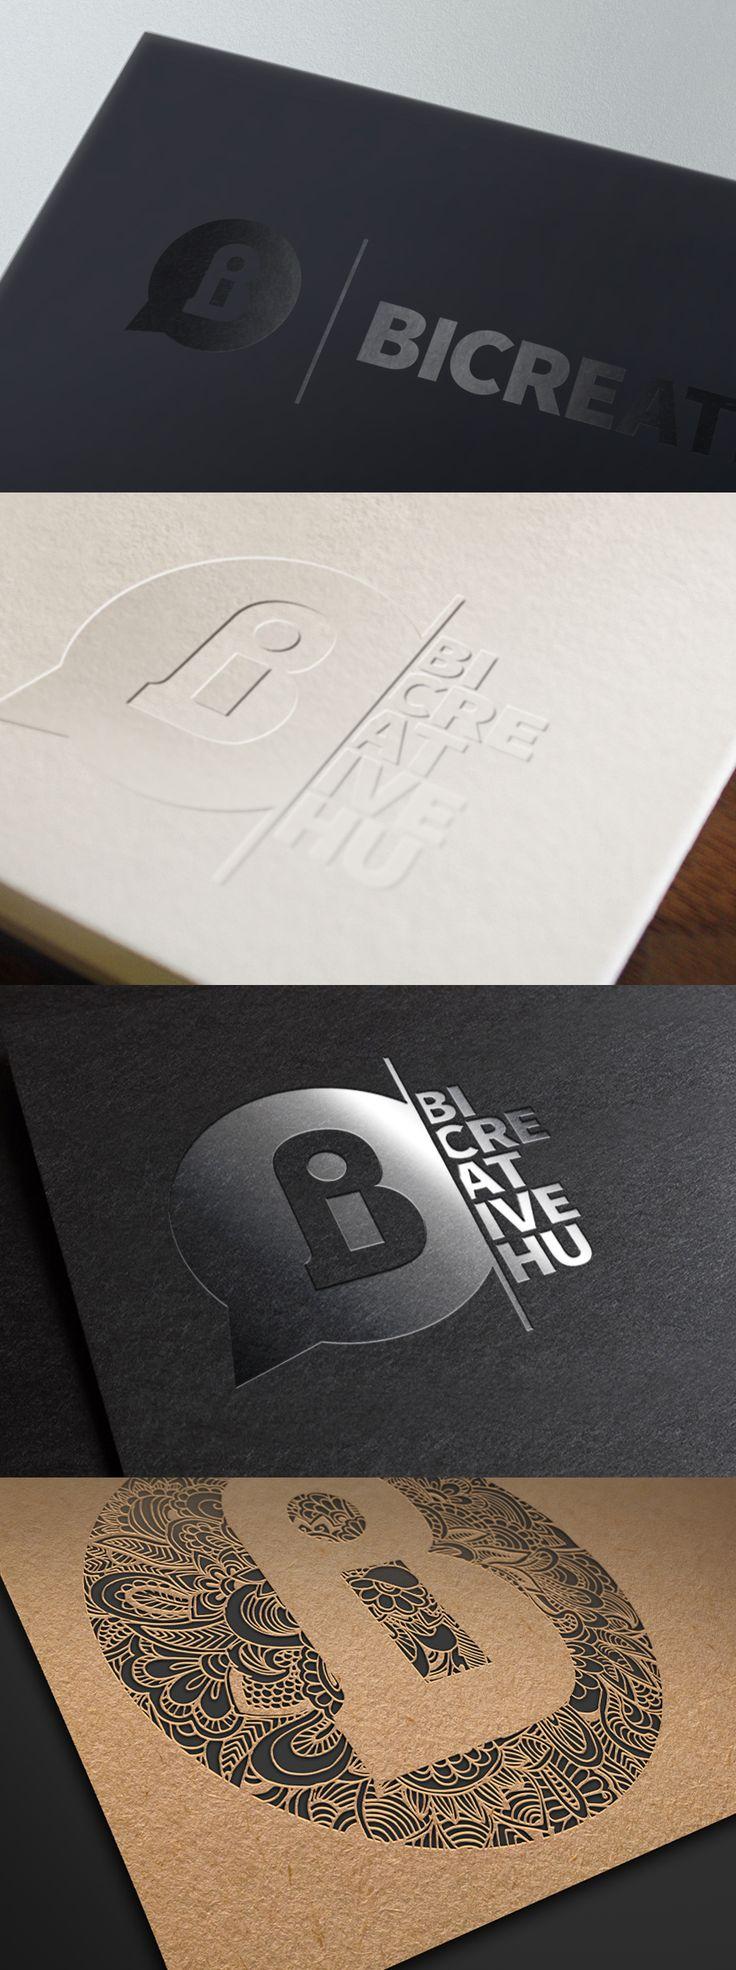 bicreative logo